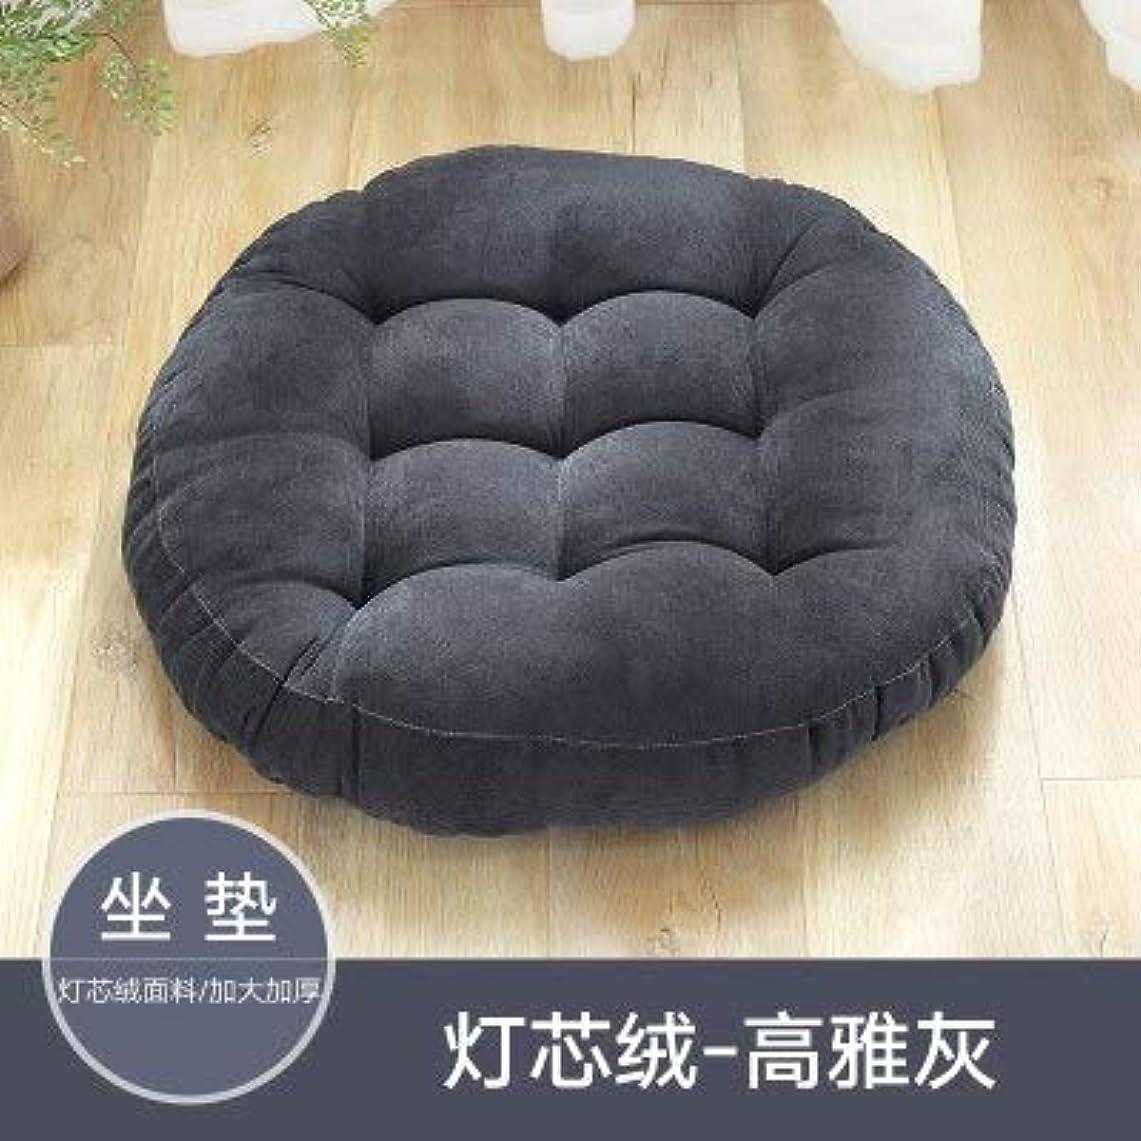 消化器生まれ抗議LIFE ラウンド厚い椅子のクッションフロアマットレスシートパッドソフトホームオフィスチェアクッションマットソフトスロー枕最高品質の床クッション クッション 椅子